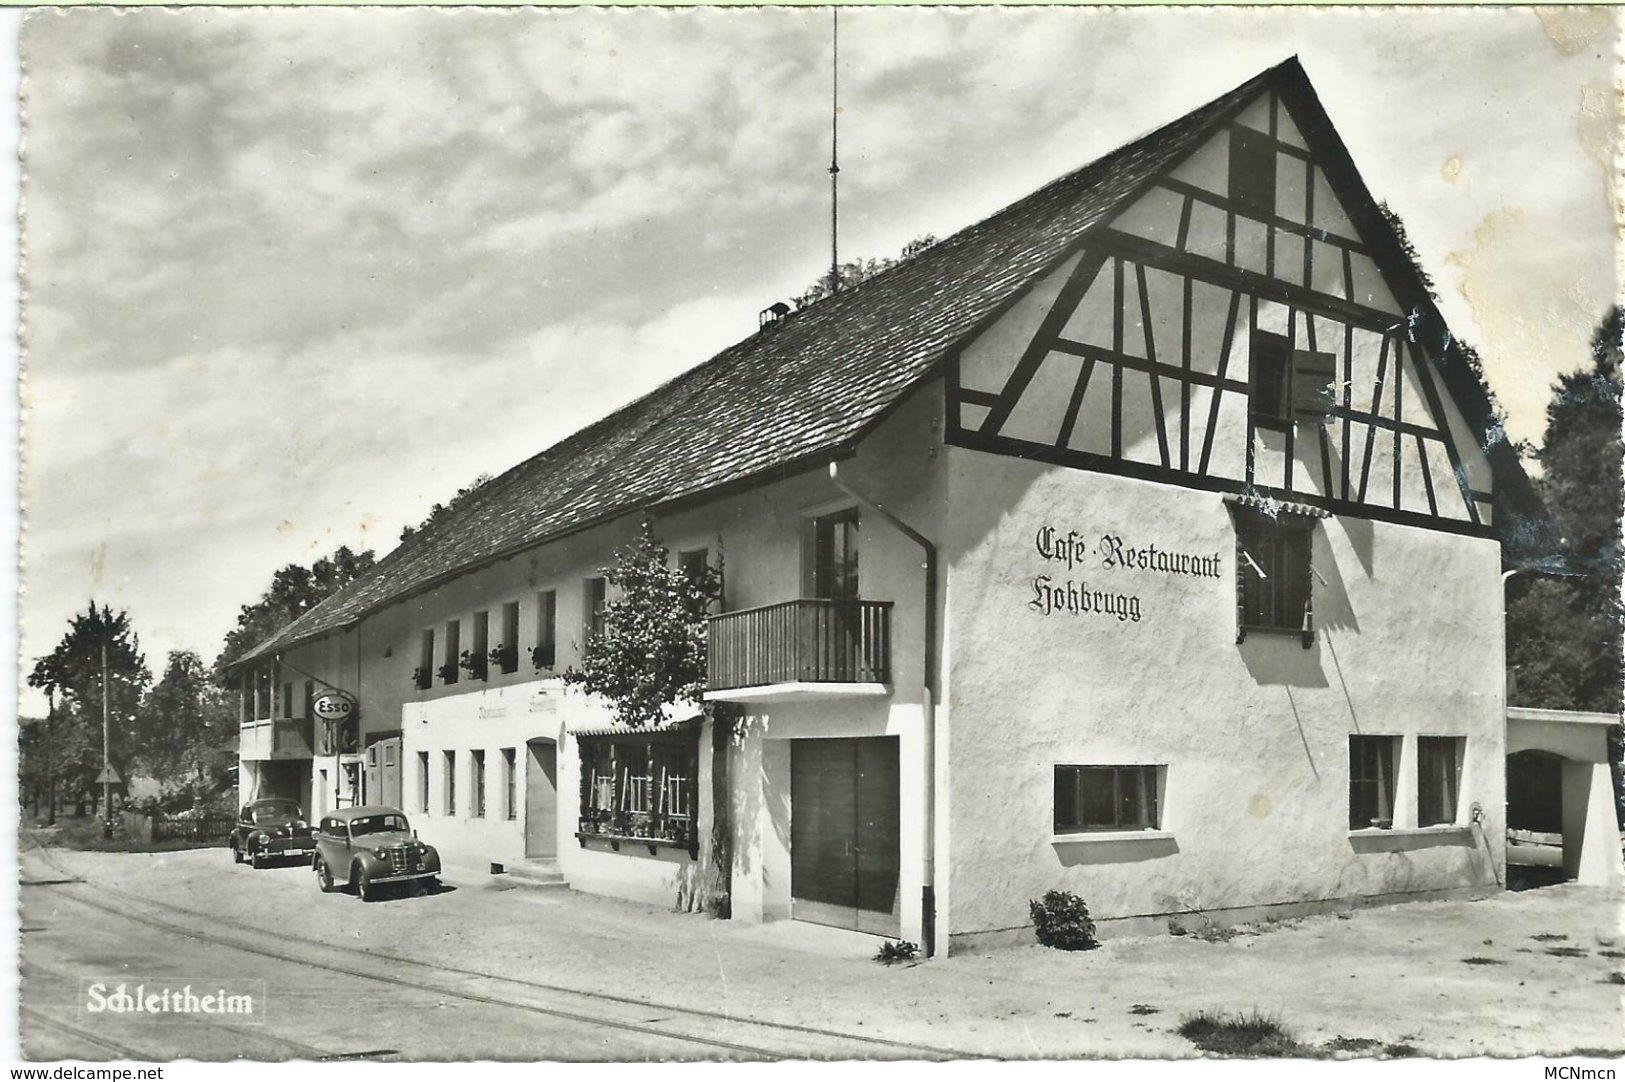 628. Schleitheim - Café -restaurant  Hohbrugg - SH Schaffhausen